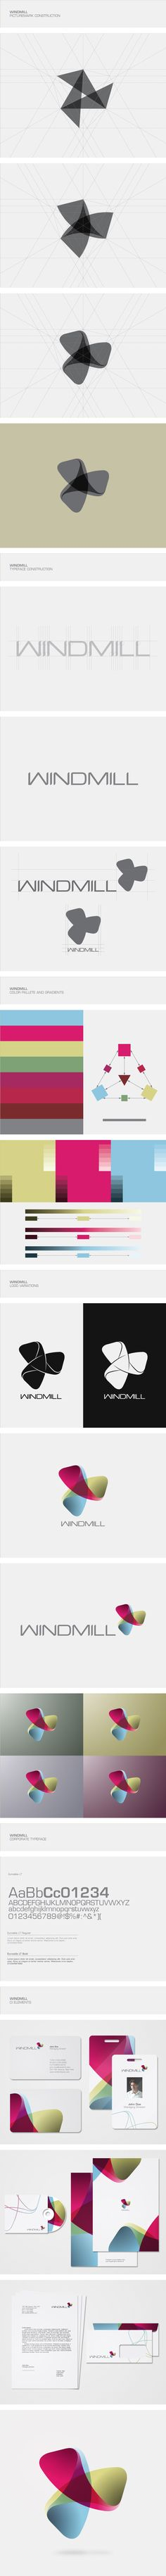 Windmill - Visual Identity